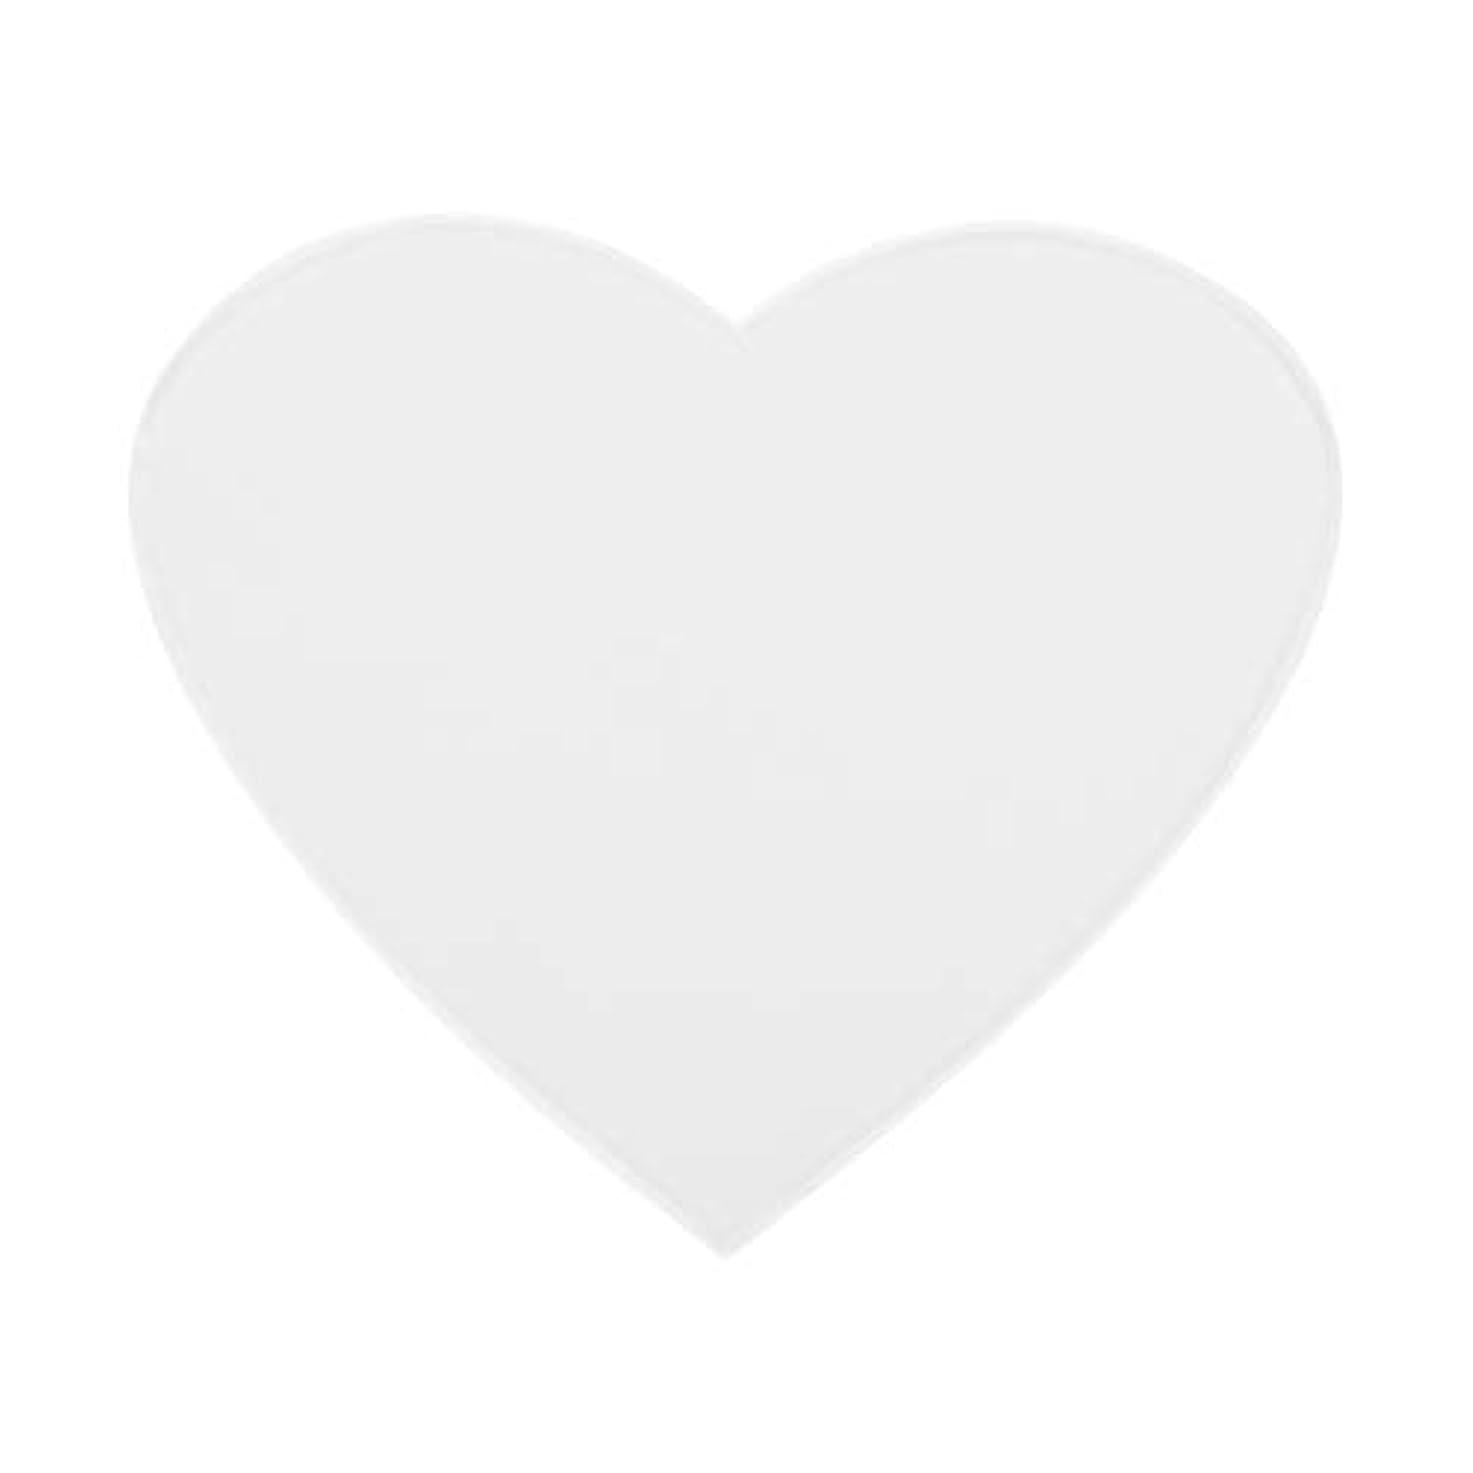 不格好バケット演劇アンチリンクルシリコンチェストパッドケア再利用可能パッド(心臓)